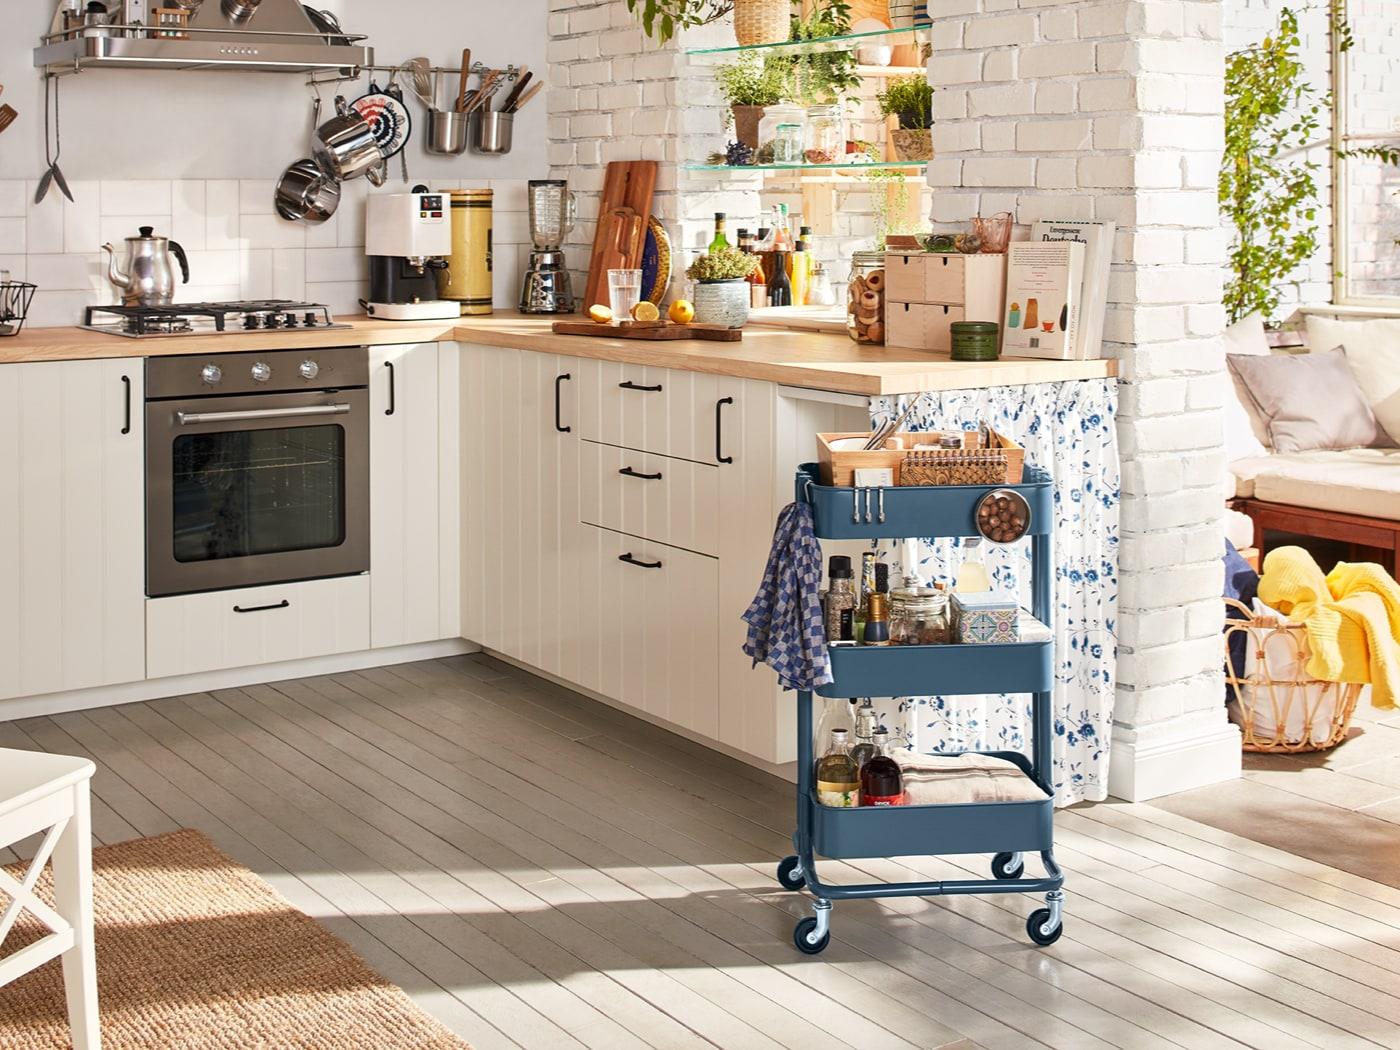 Küche & Küchenmöbel Für Dein Zuhause IKEA